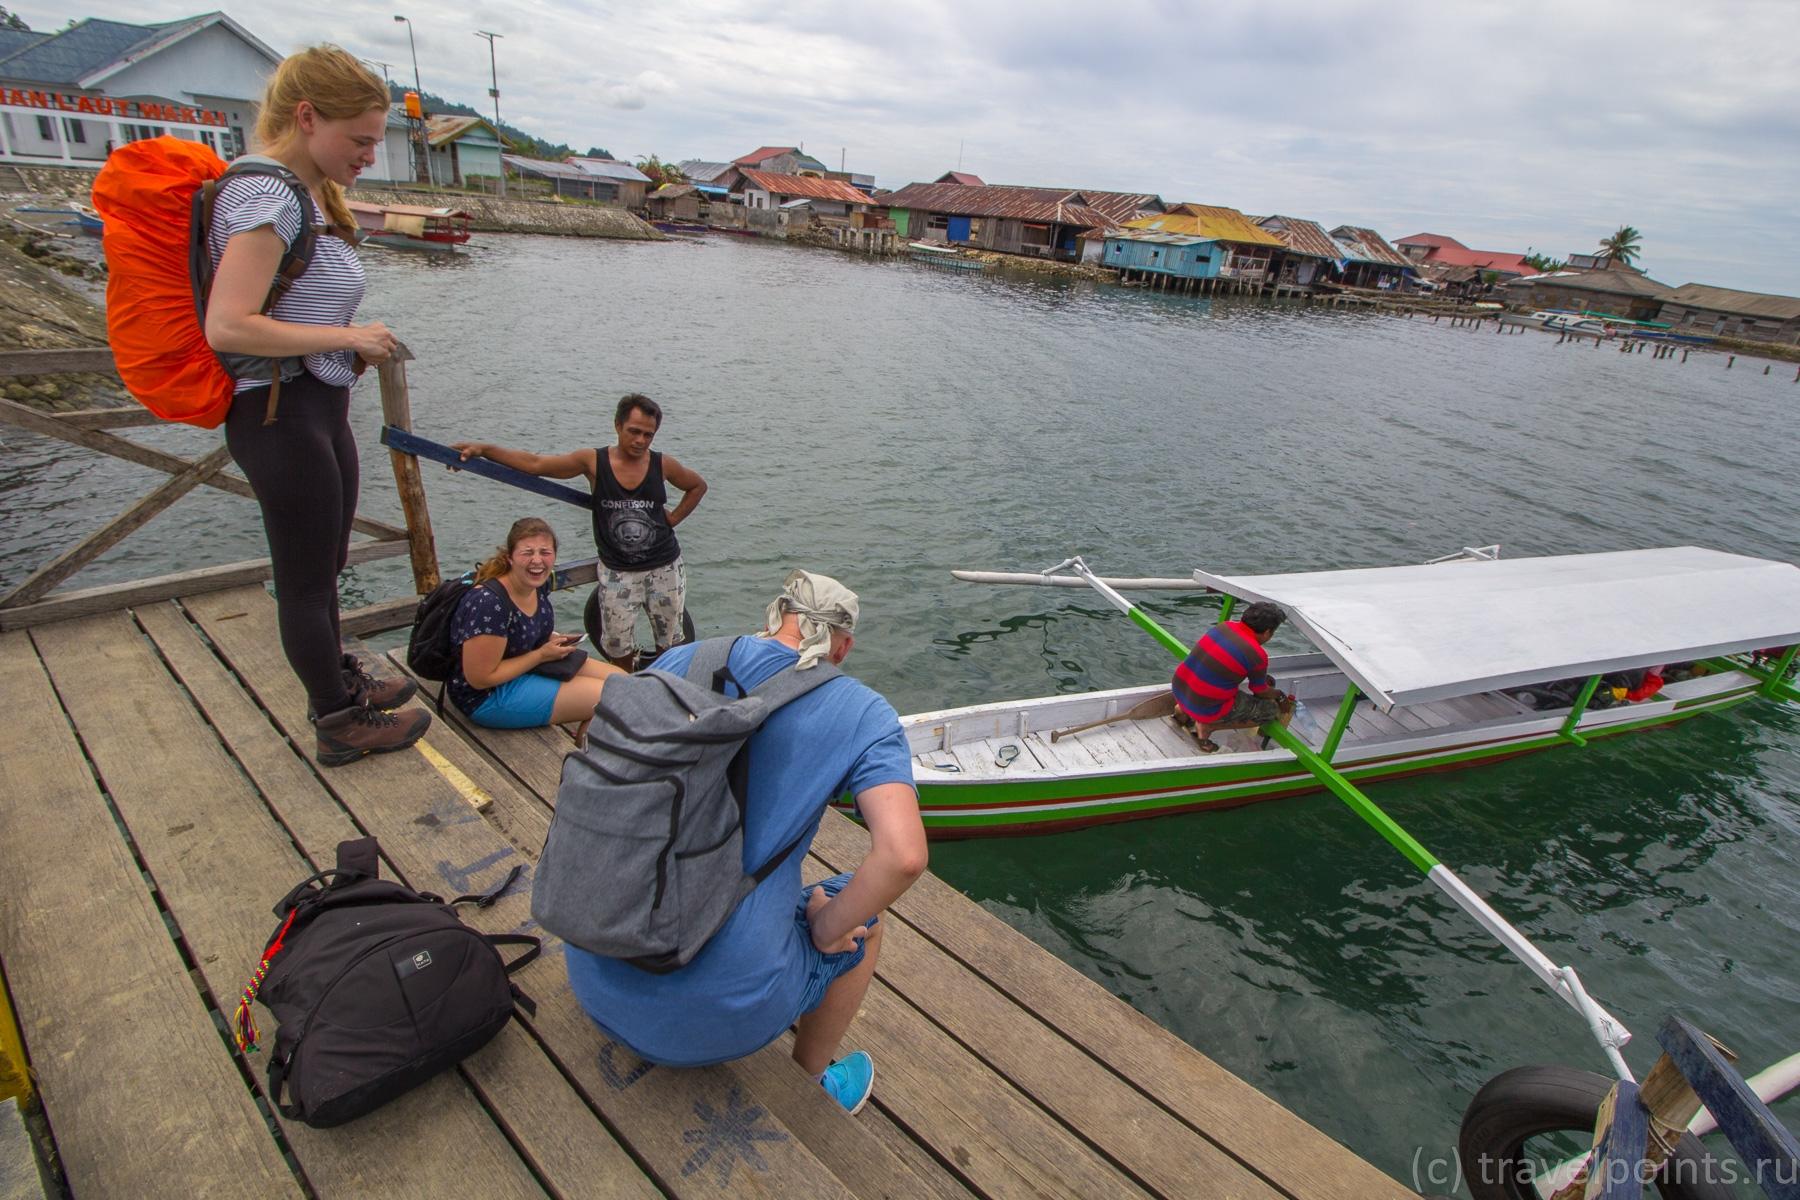 Грузимся на лодку в Вакаи